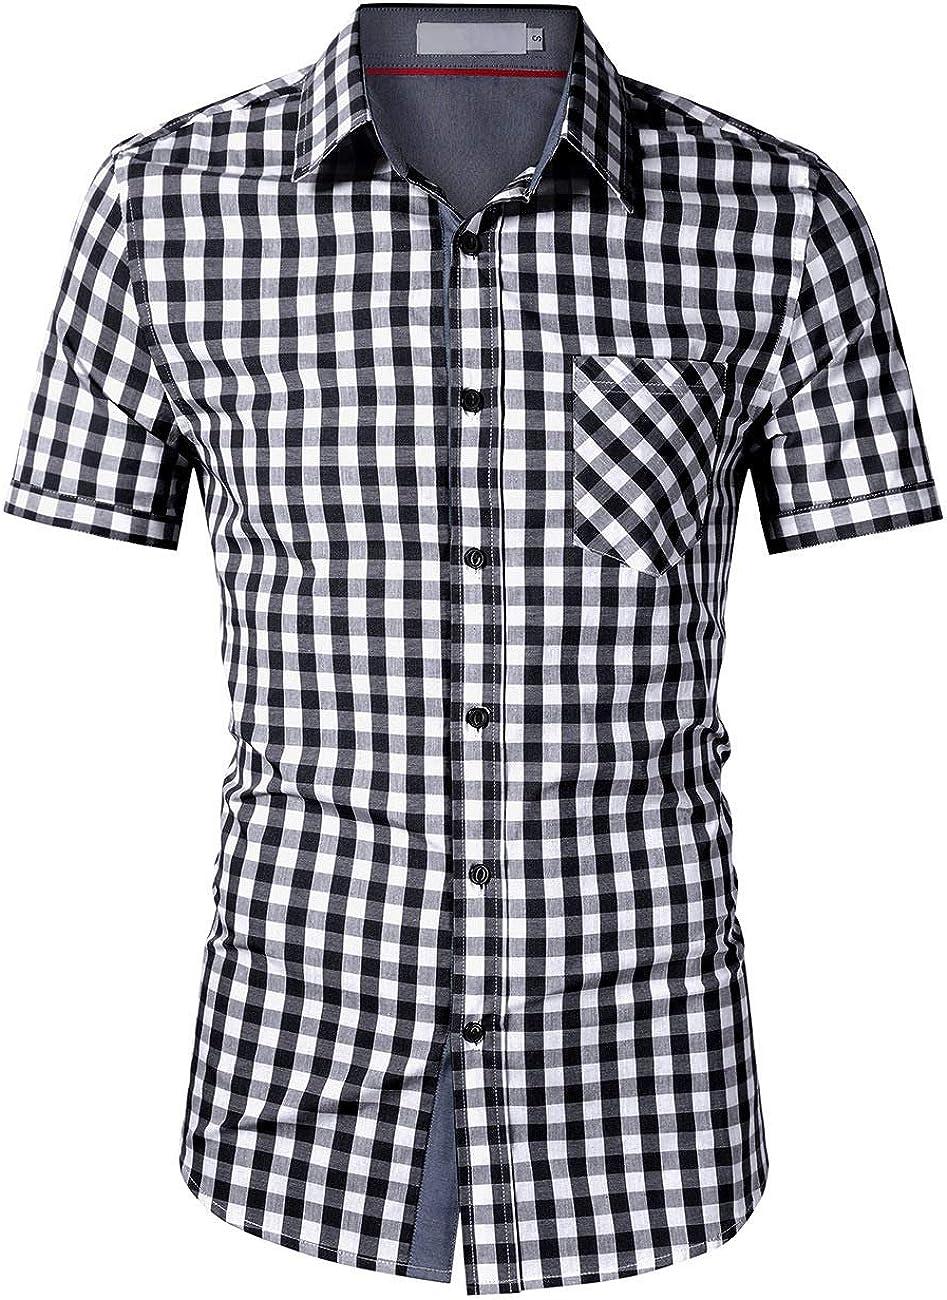 wer3fnmh - Camisa de manga corta para hombre, diseño de cuadros, color blanco y negro - Negro - X-Large: Amazon.es: Ropa y accesorios